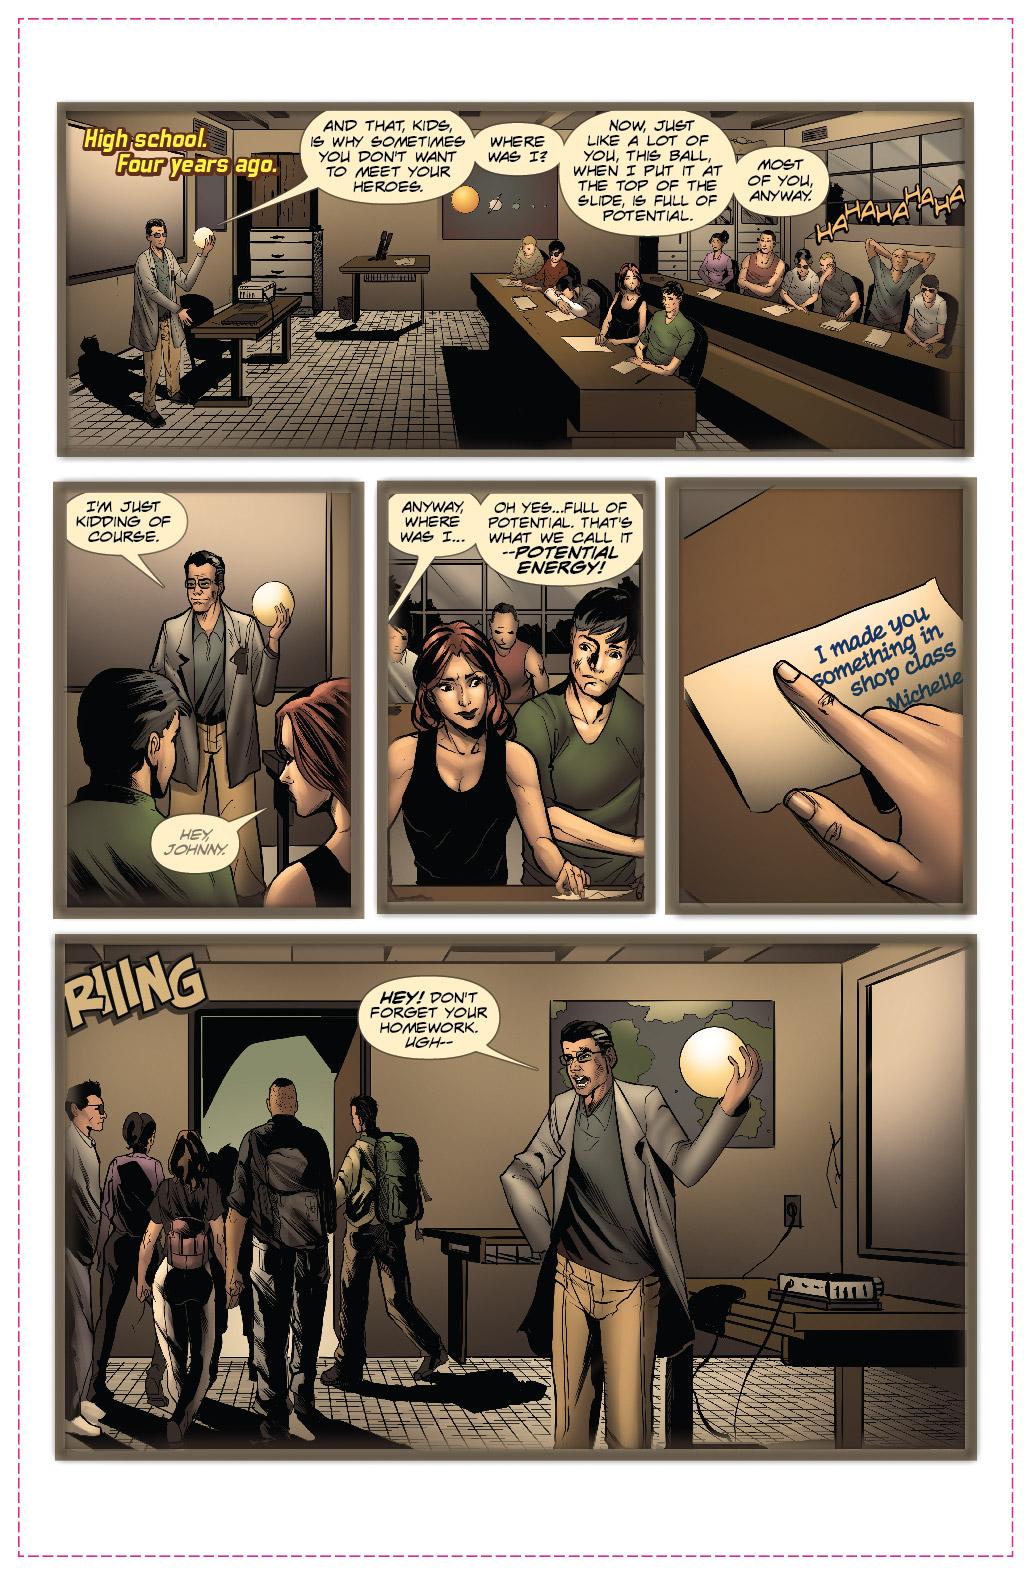 Kinetic 001 - Page 007-v2.jpg